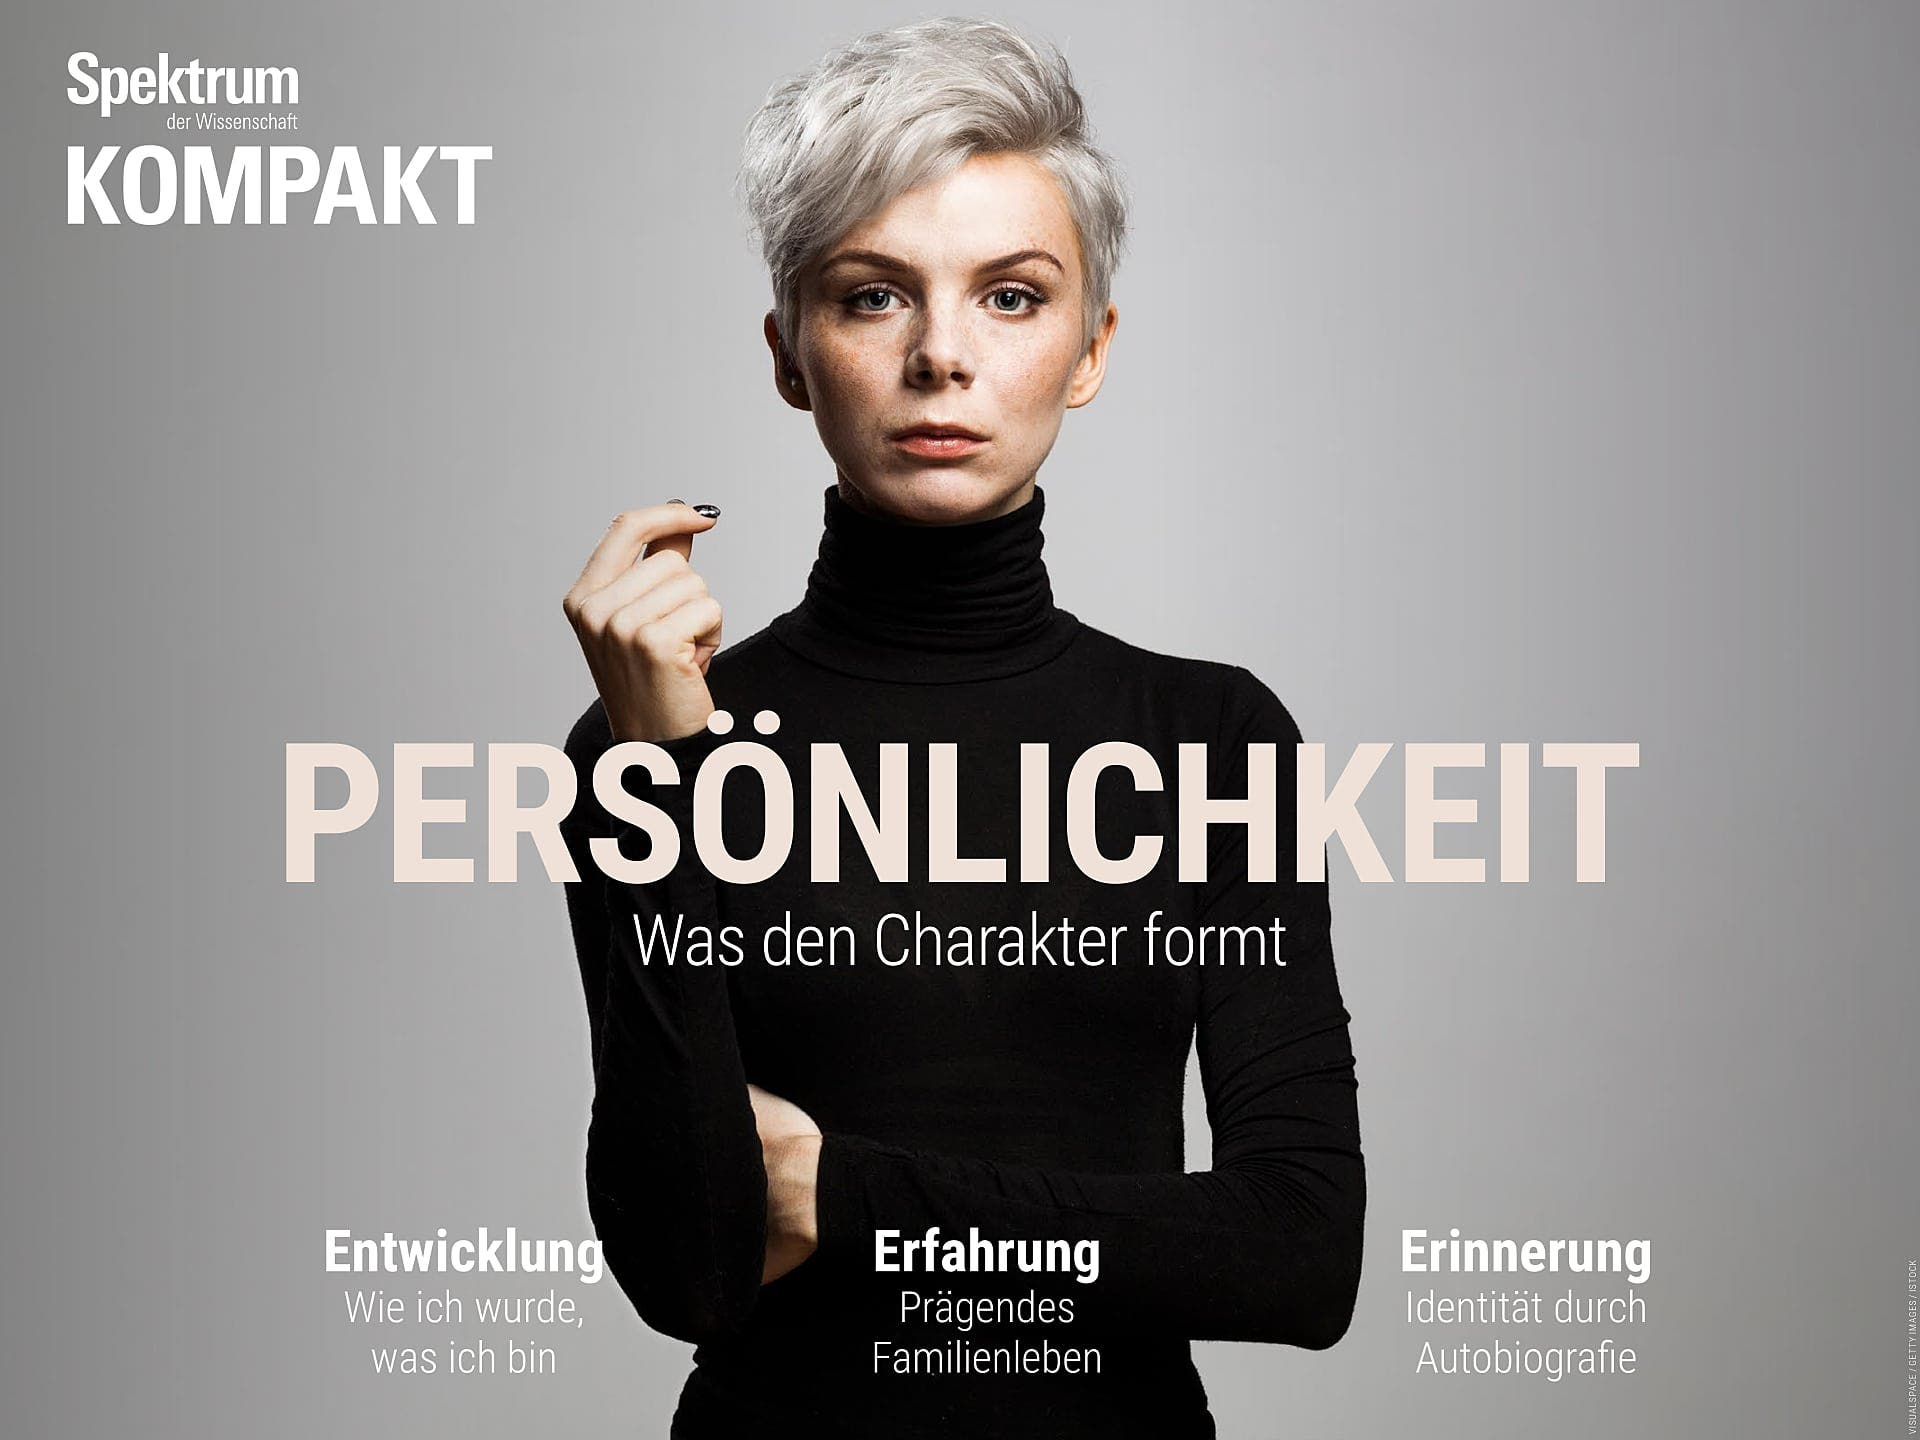 Persönlichkeit - Was den Charakter formt